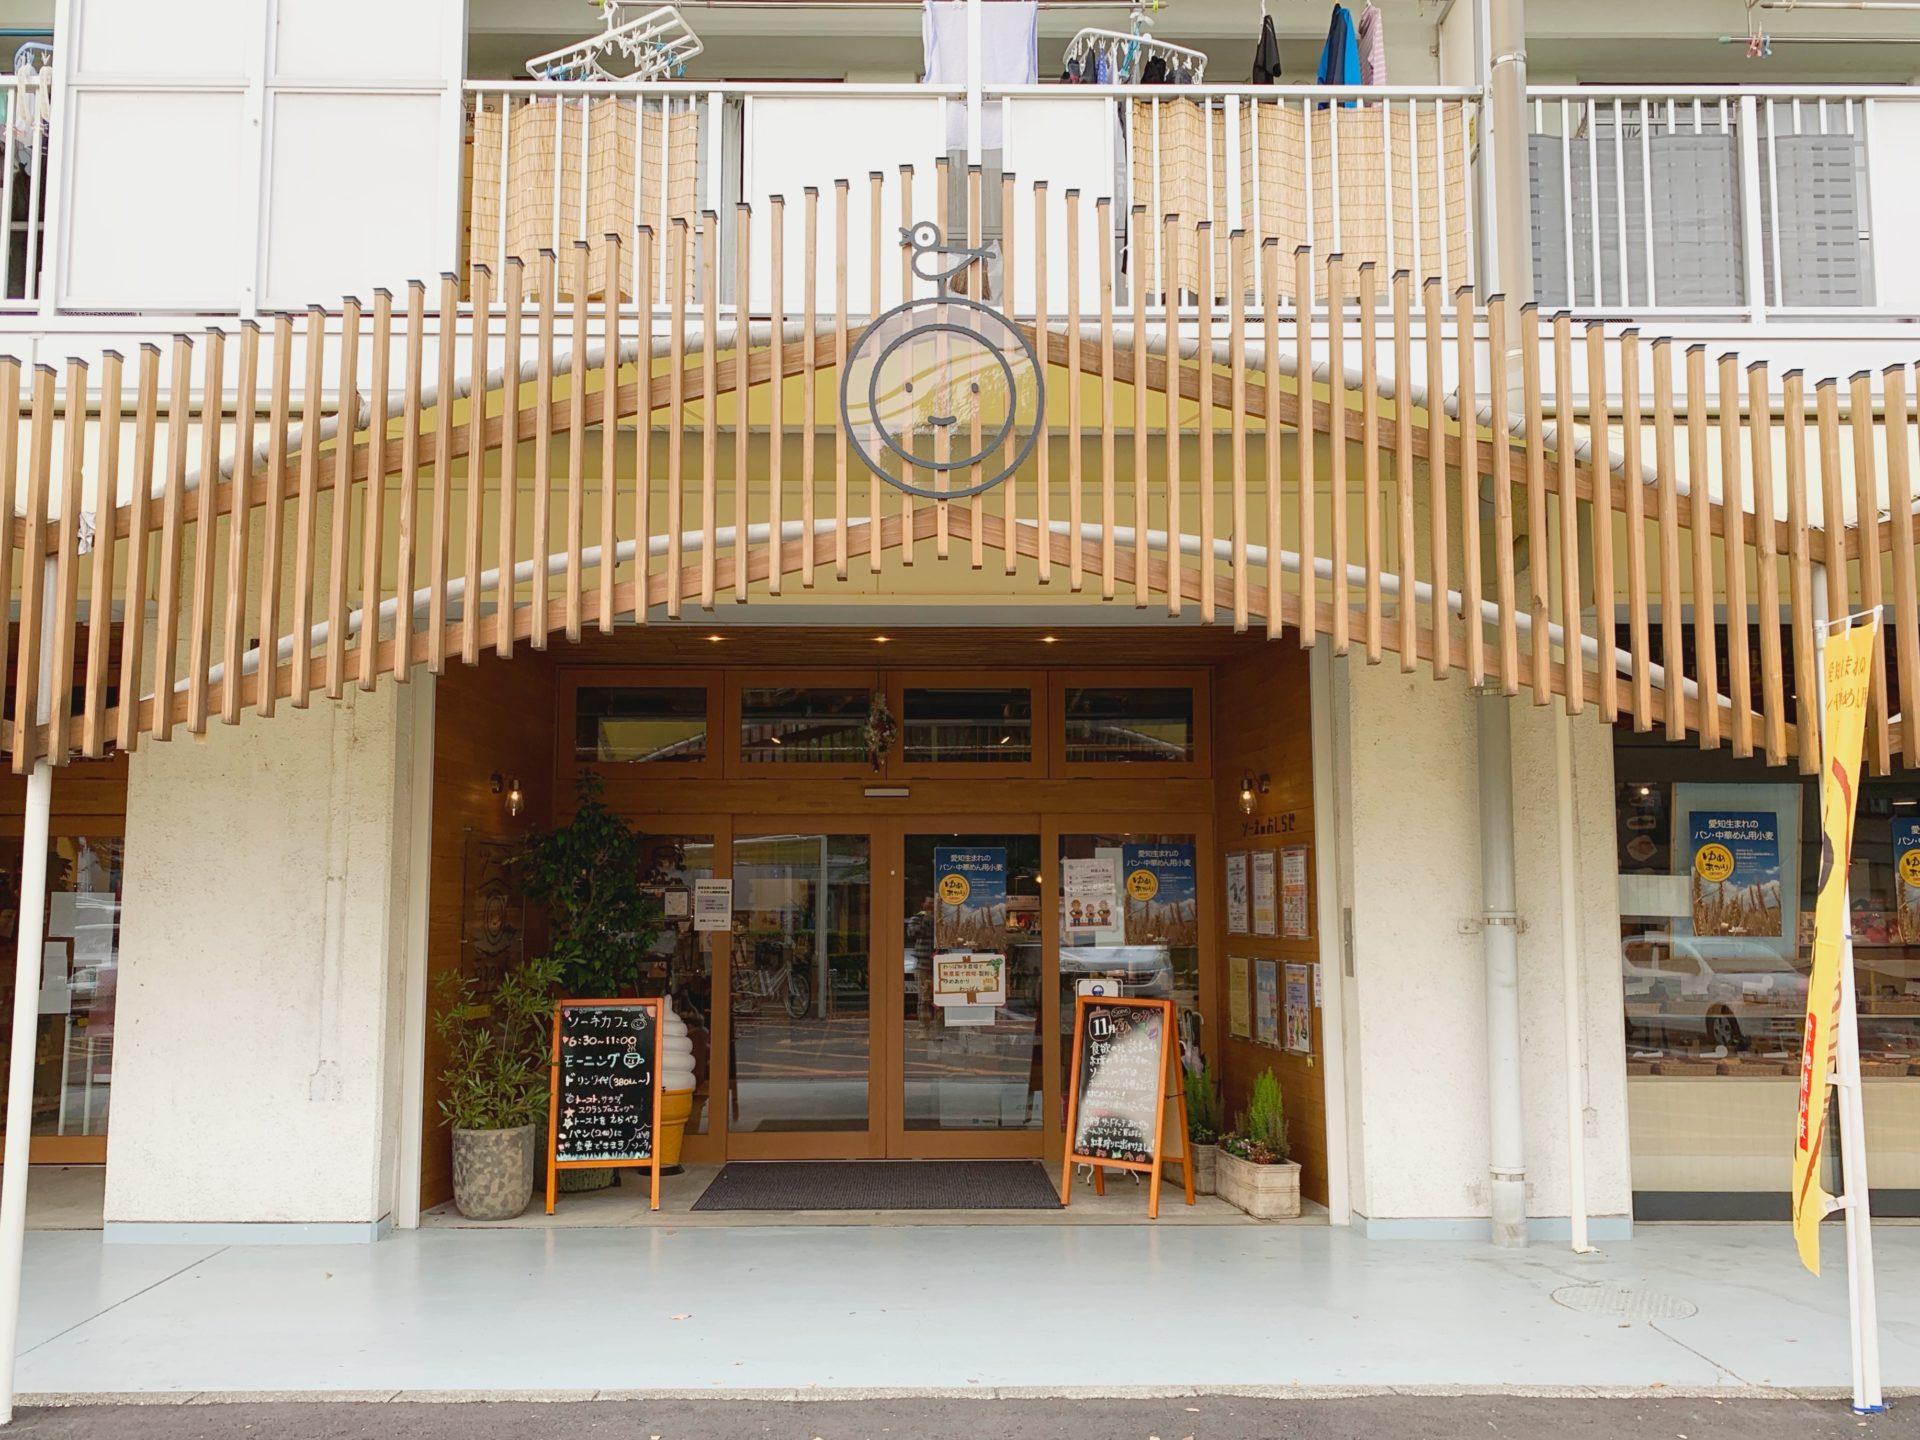 ソーネカフェ in ソーネOZONE(大曽根・平安通)